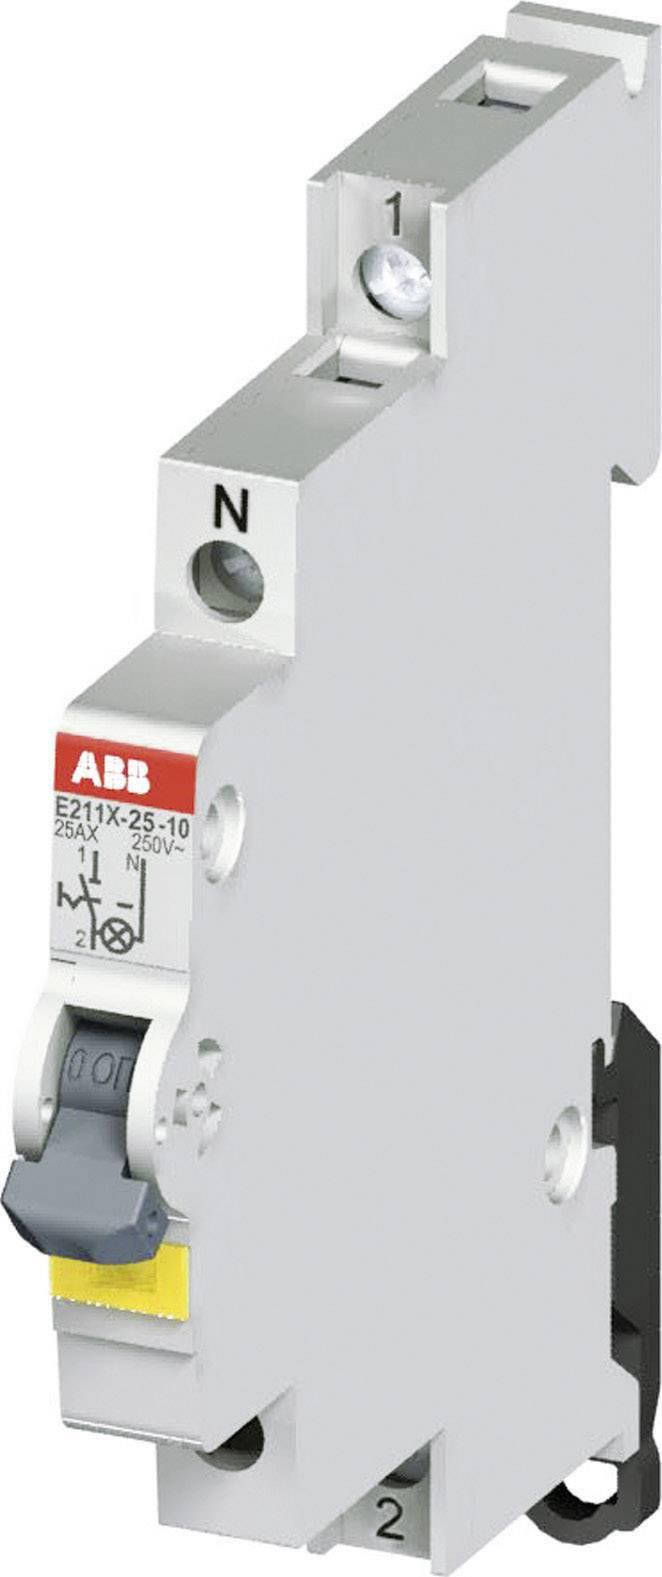 Vypínač s LED E211X 25A-10,25 A, 250 V, 1NO, žlté LED, 2CCA703101R0001